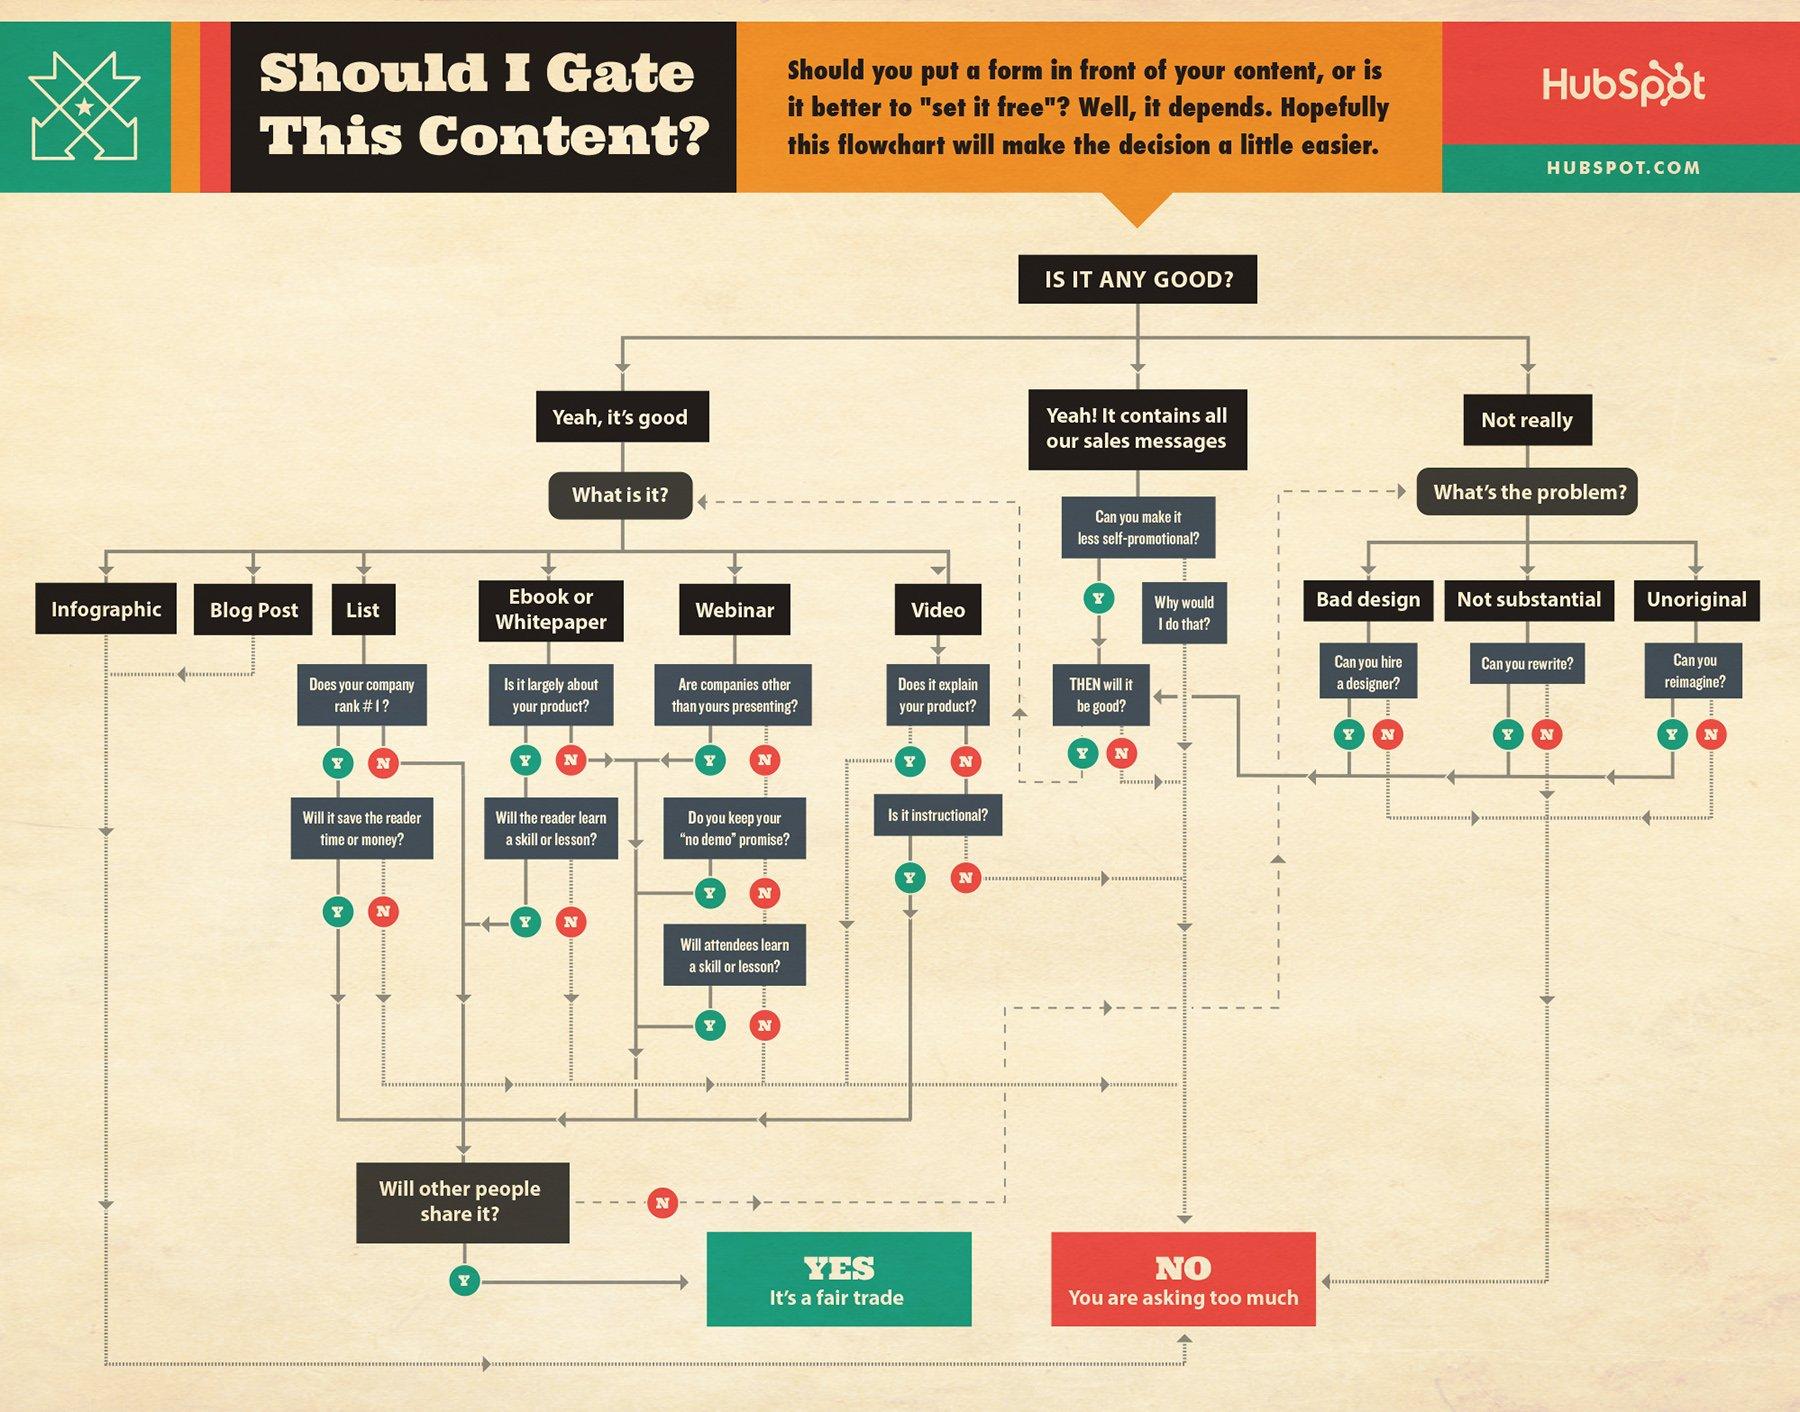 Should-I-Gate-Content-Flowchart-HubSpot-1